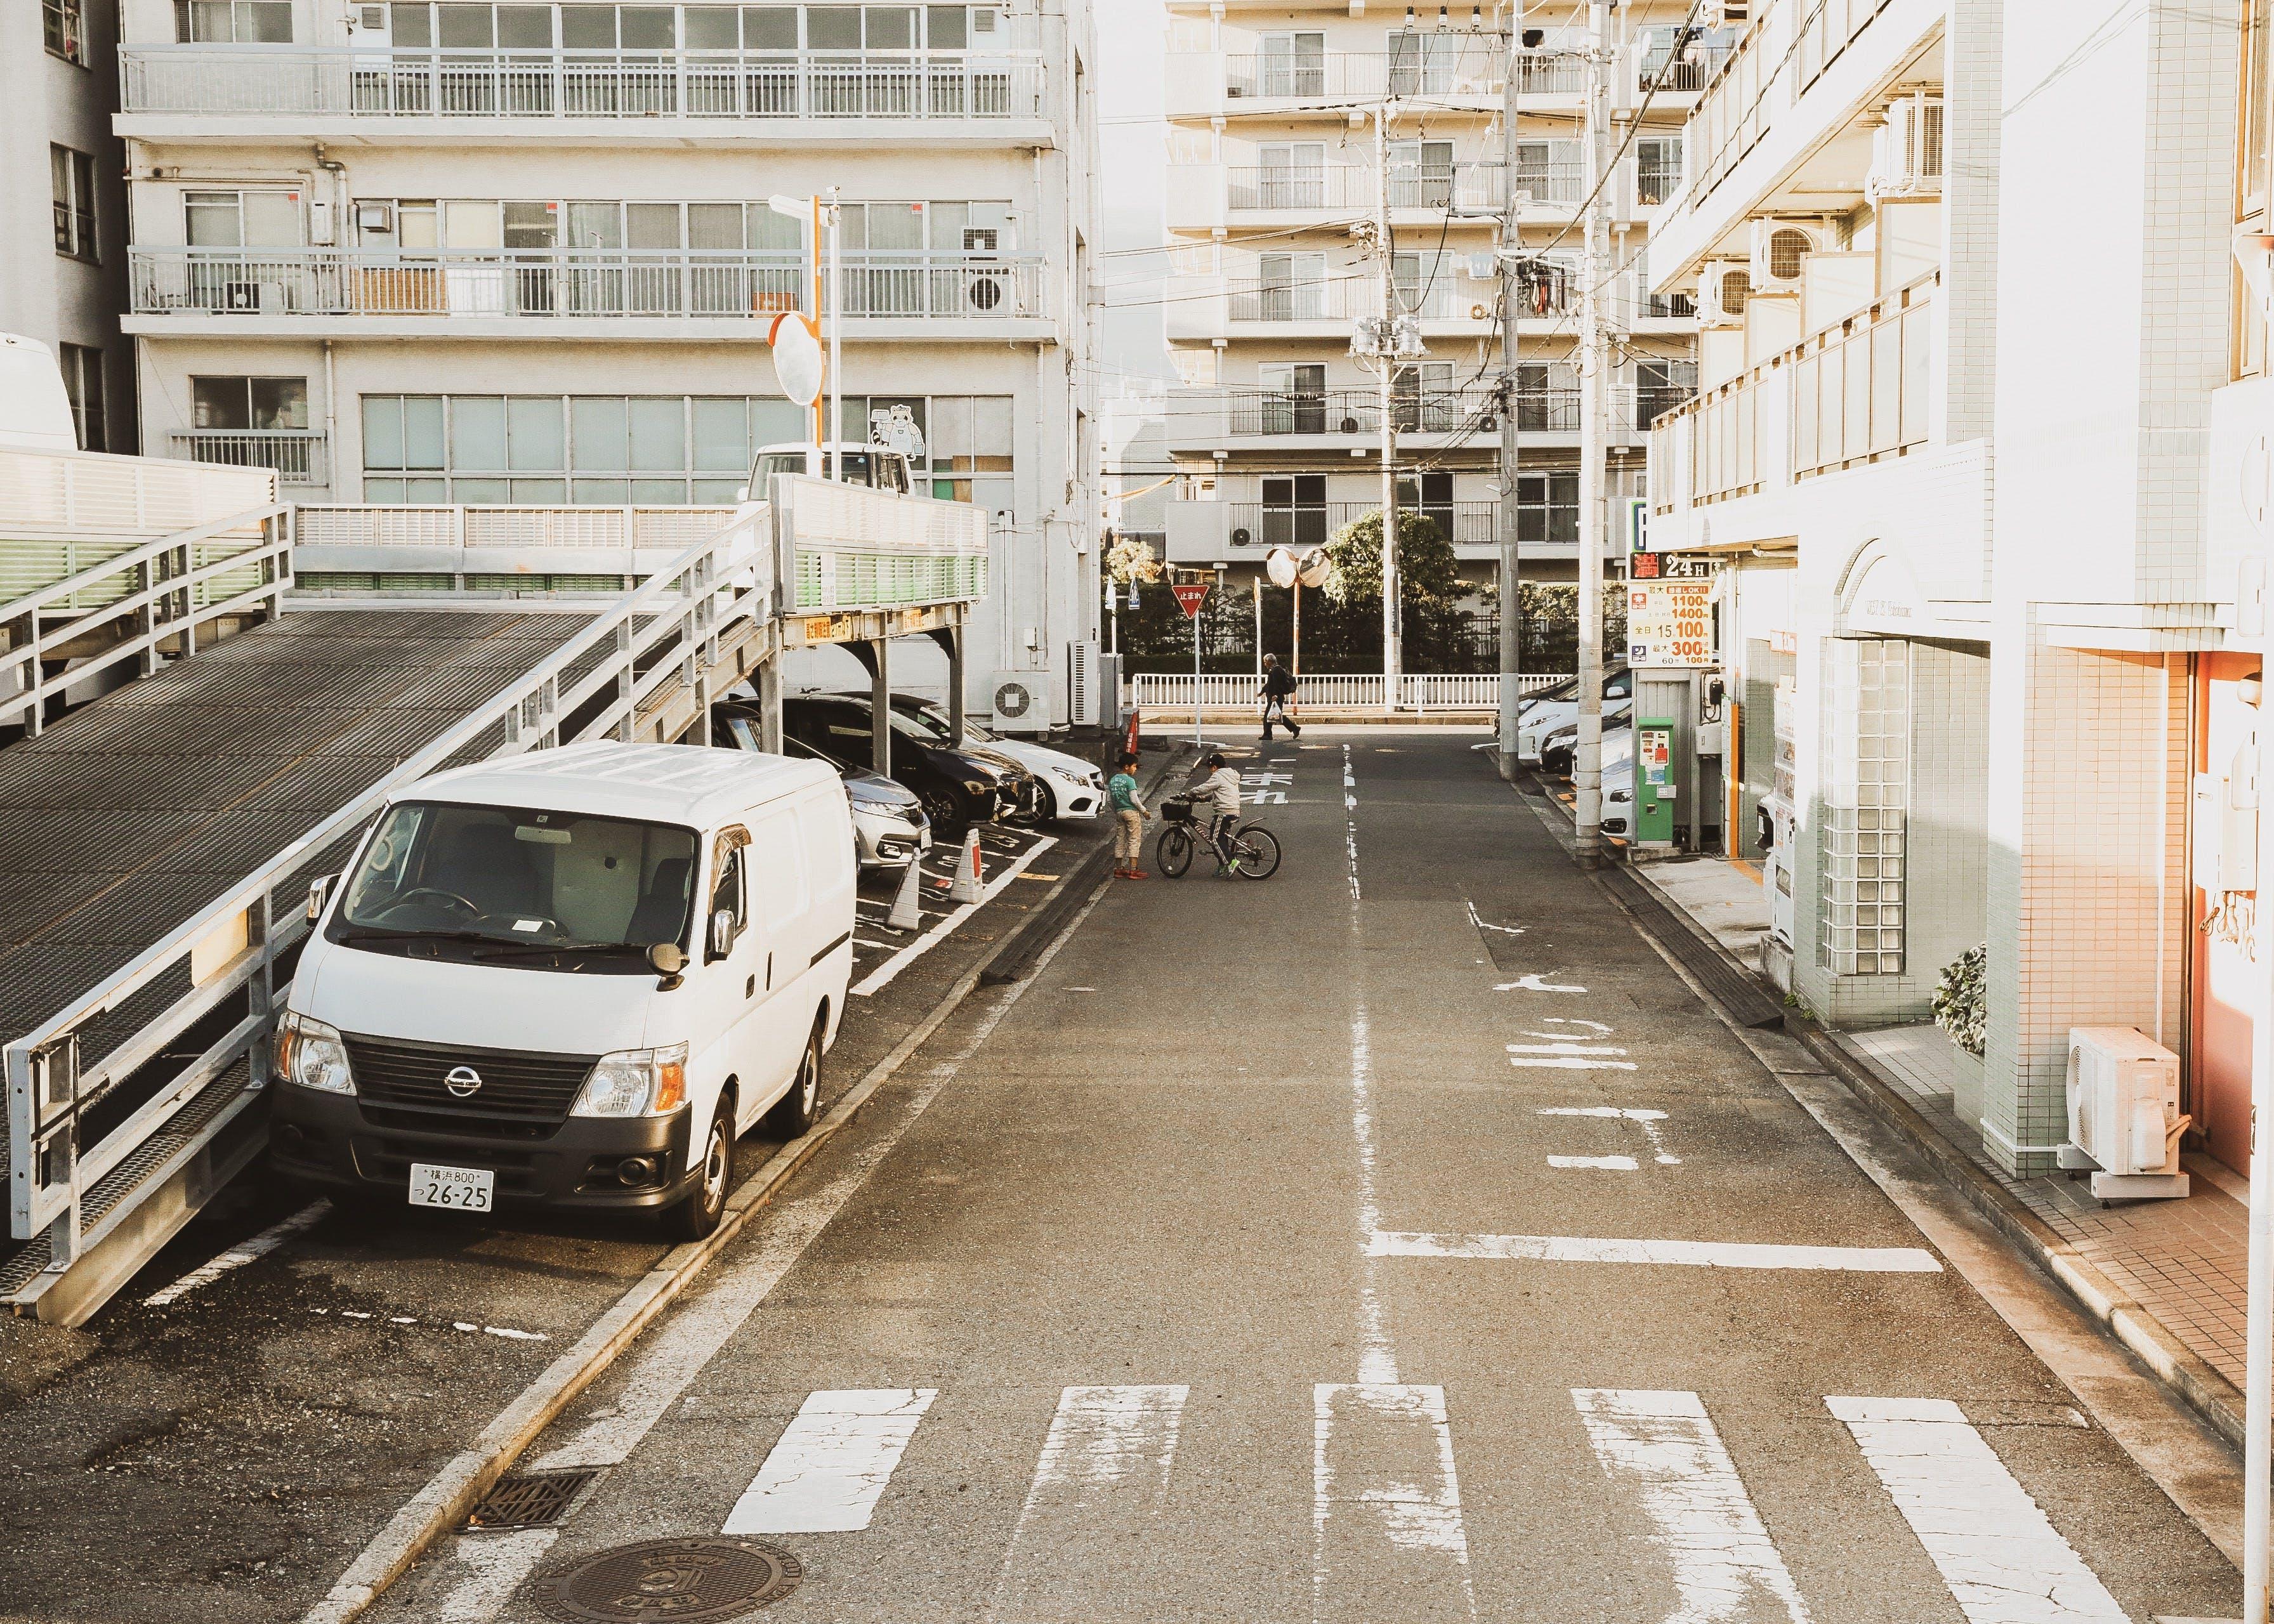 Kostnadsfri bild av arkitektur, bilar, byggnader, cykel